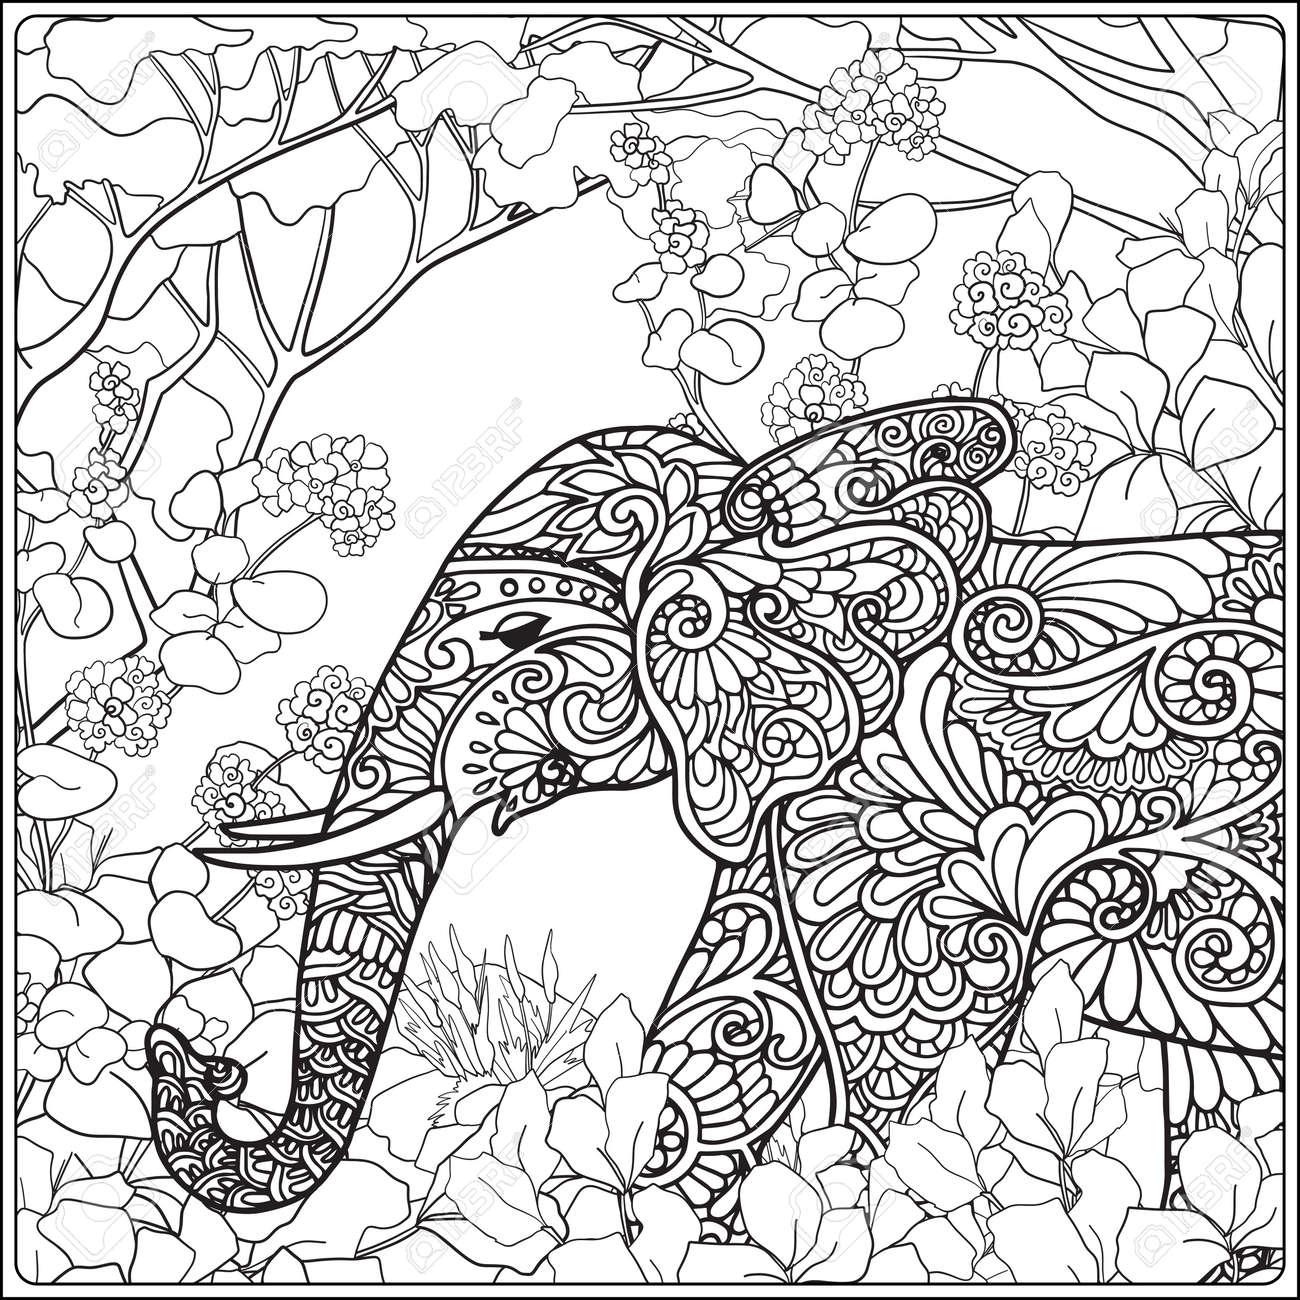 Malvorlage Mit Elefanten Im Wald Malbuch Fur Erwachsene Und